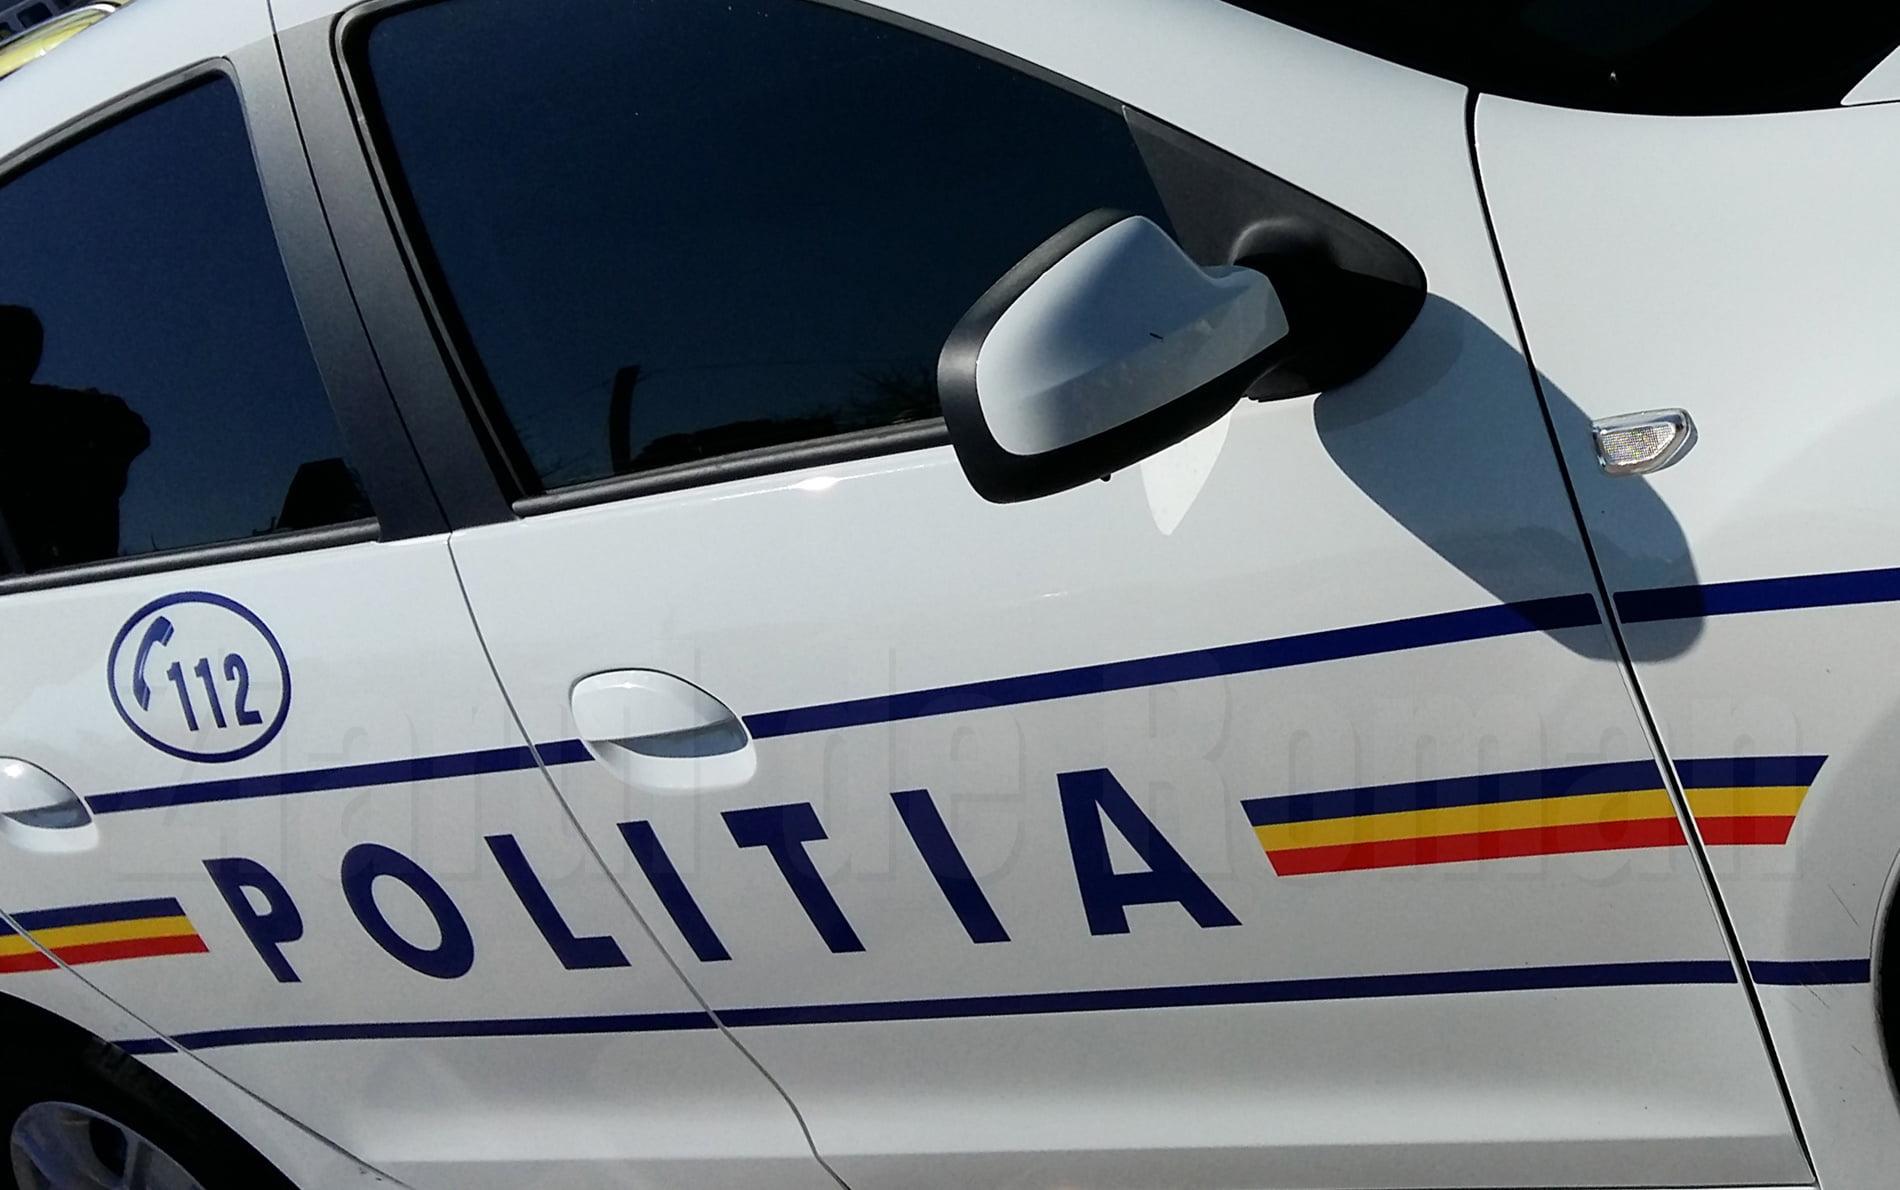 Femeie din Săbăoani dată dispărută, căutată de polițiști